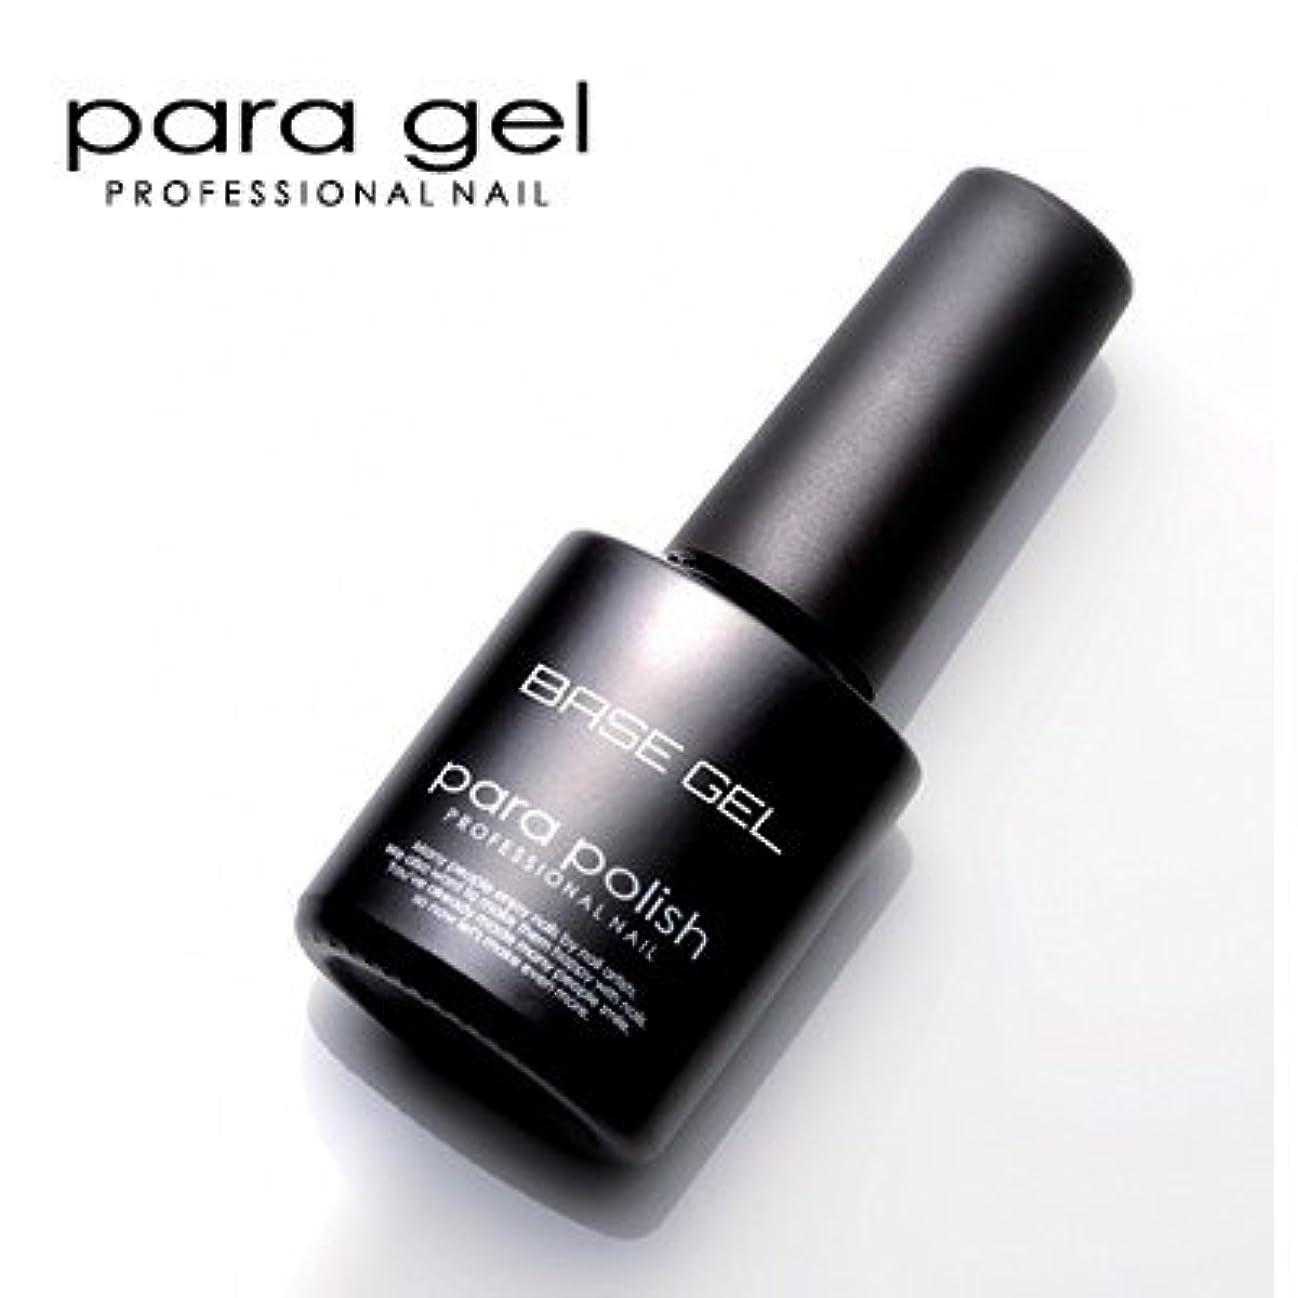 どこでも管理するアルカトラズ島パラジェル para polish(パラポリッシュ) ベースジェル 7g